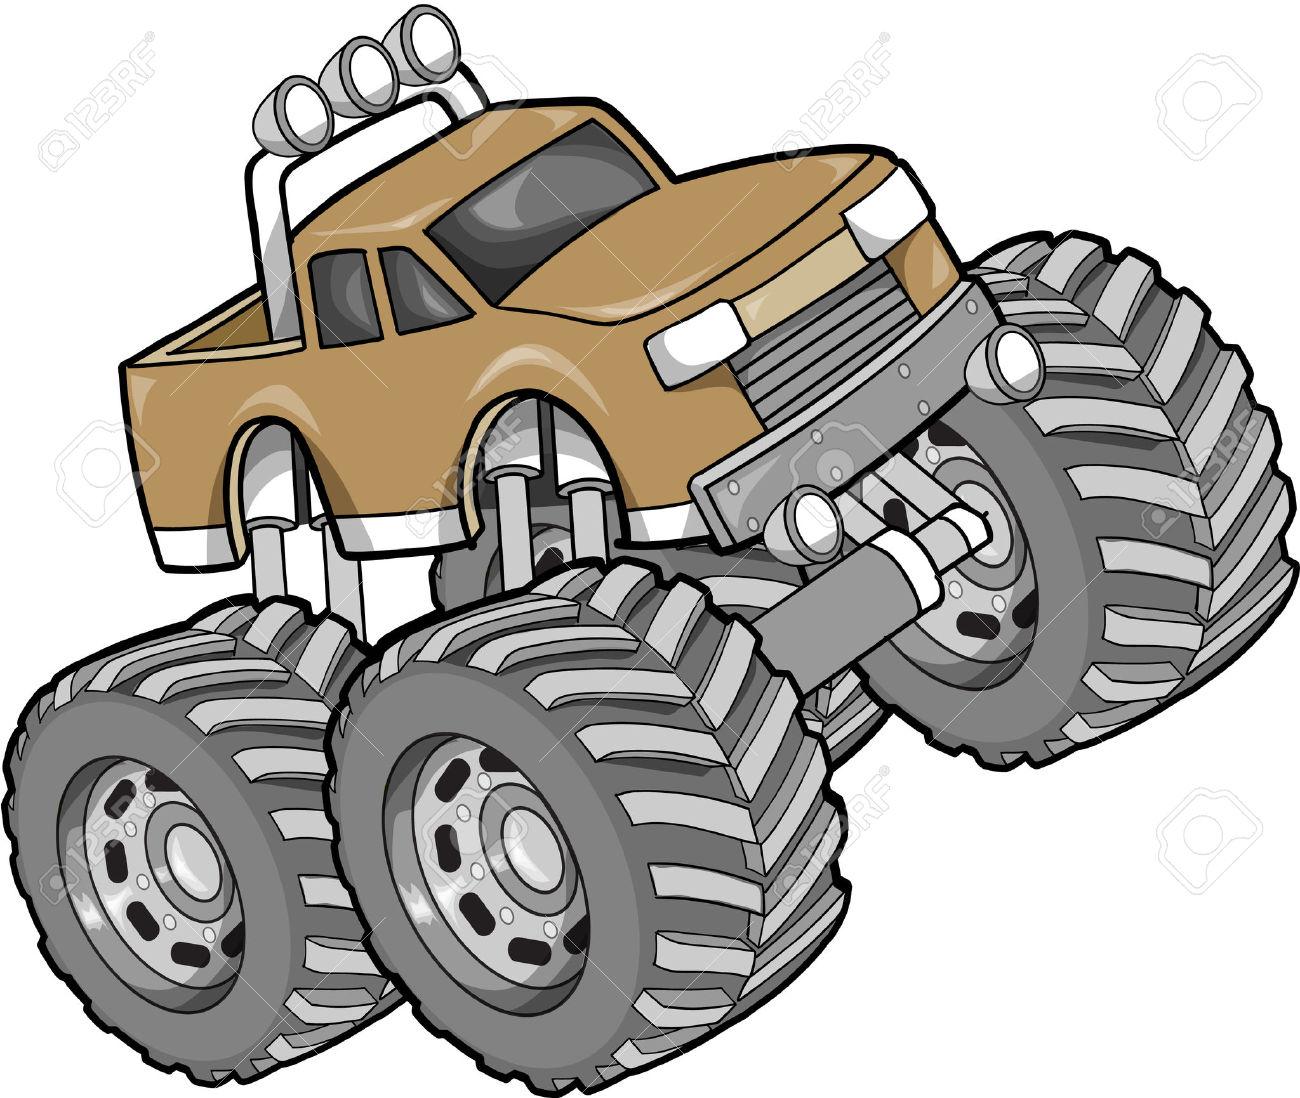 Truck clipart monster truck Monster tire clipart Monster truck